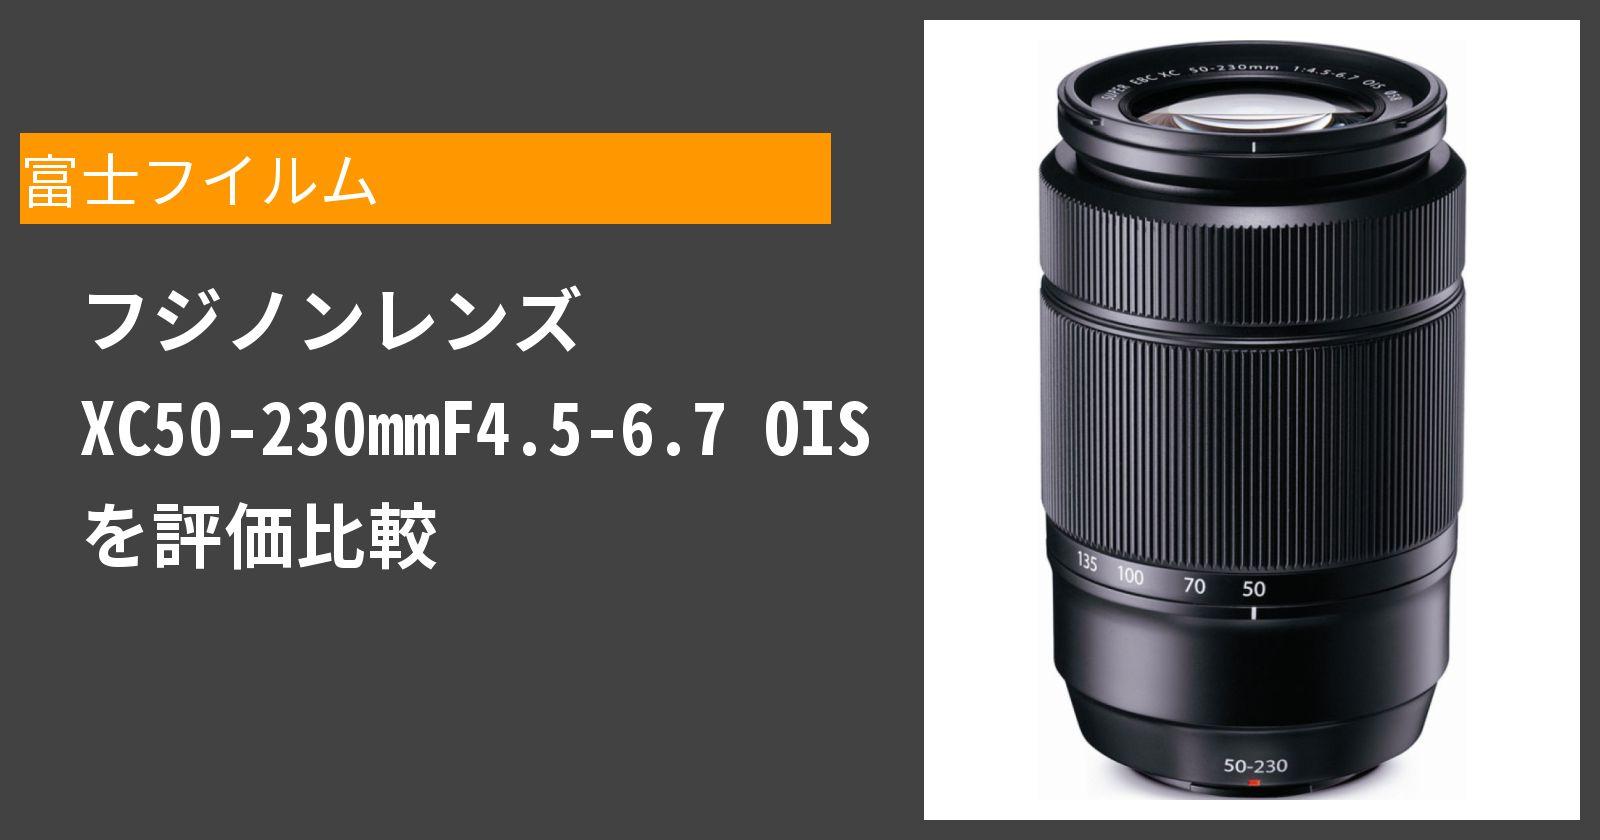 フジノンレンズ XC50-230mmF4.5-6.7 OISを徹底評価